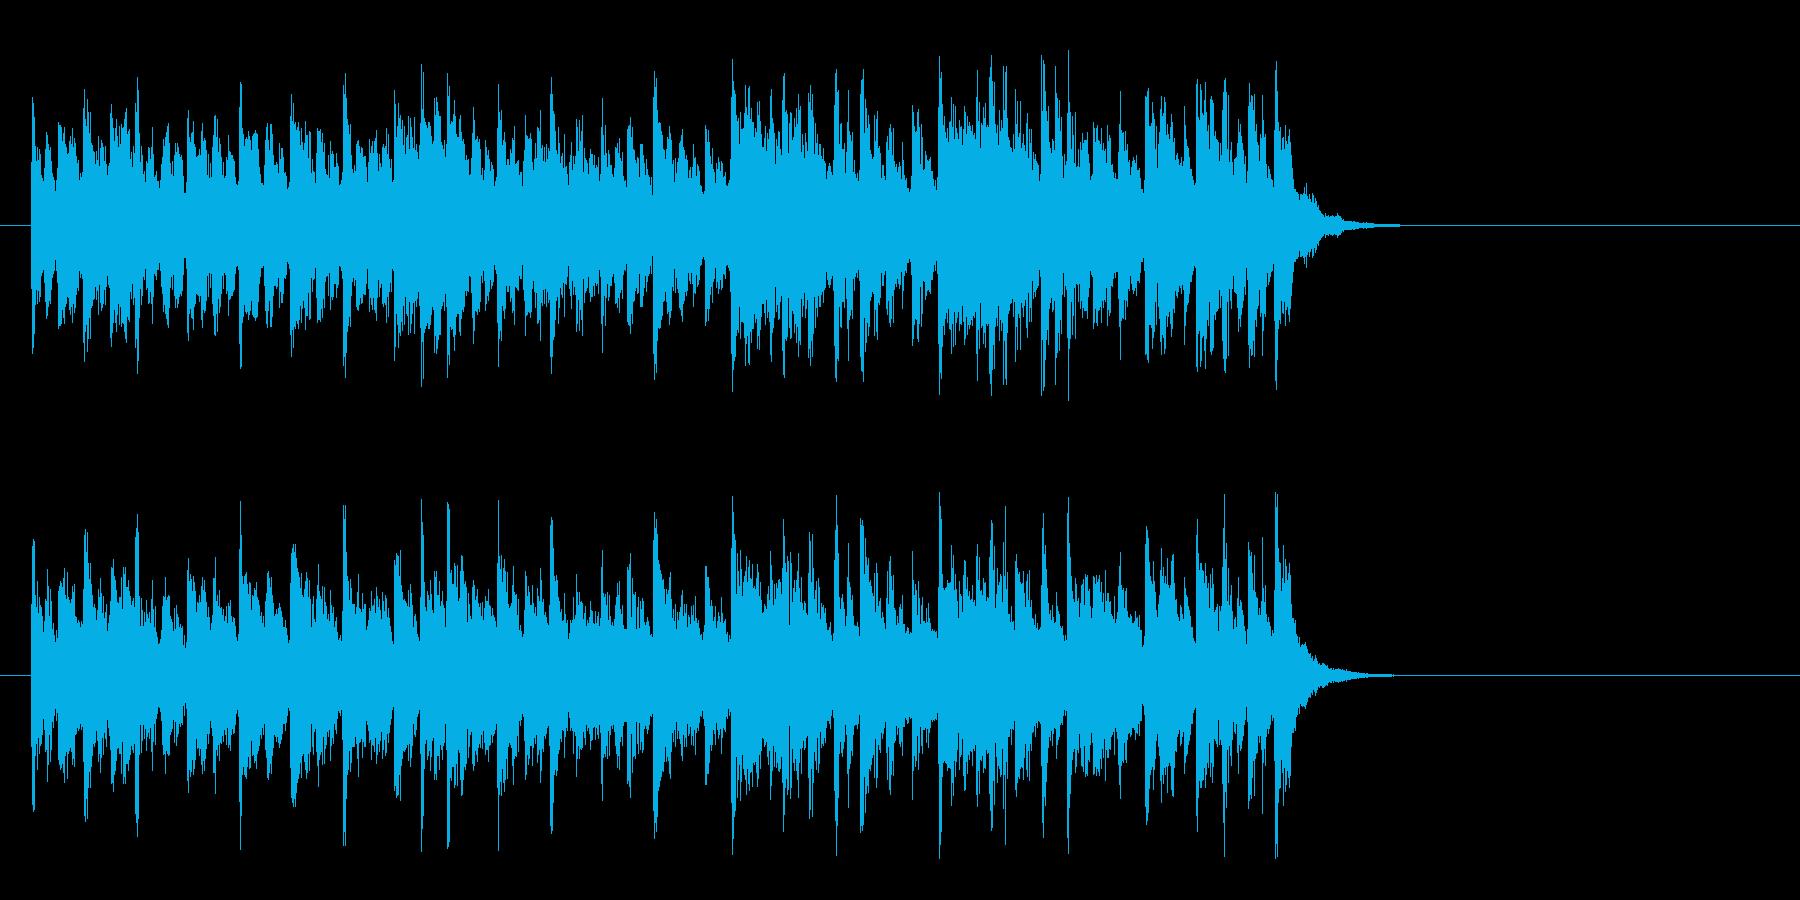 感動の終わりを迎える楽曲(イントロ)の再生済みの波形